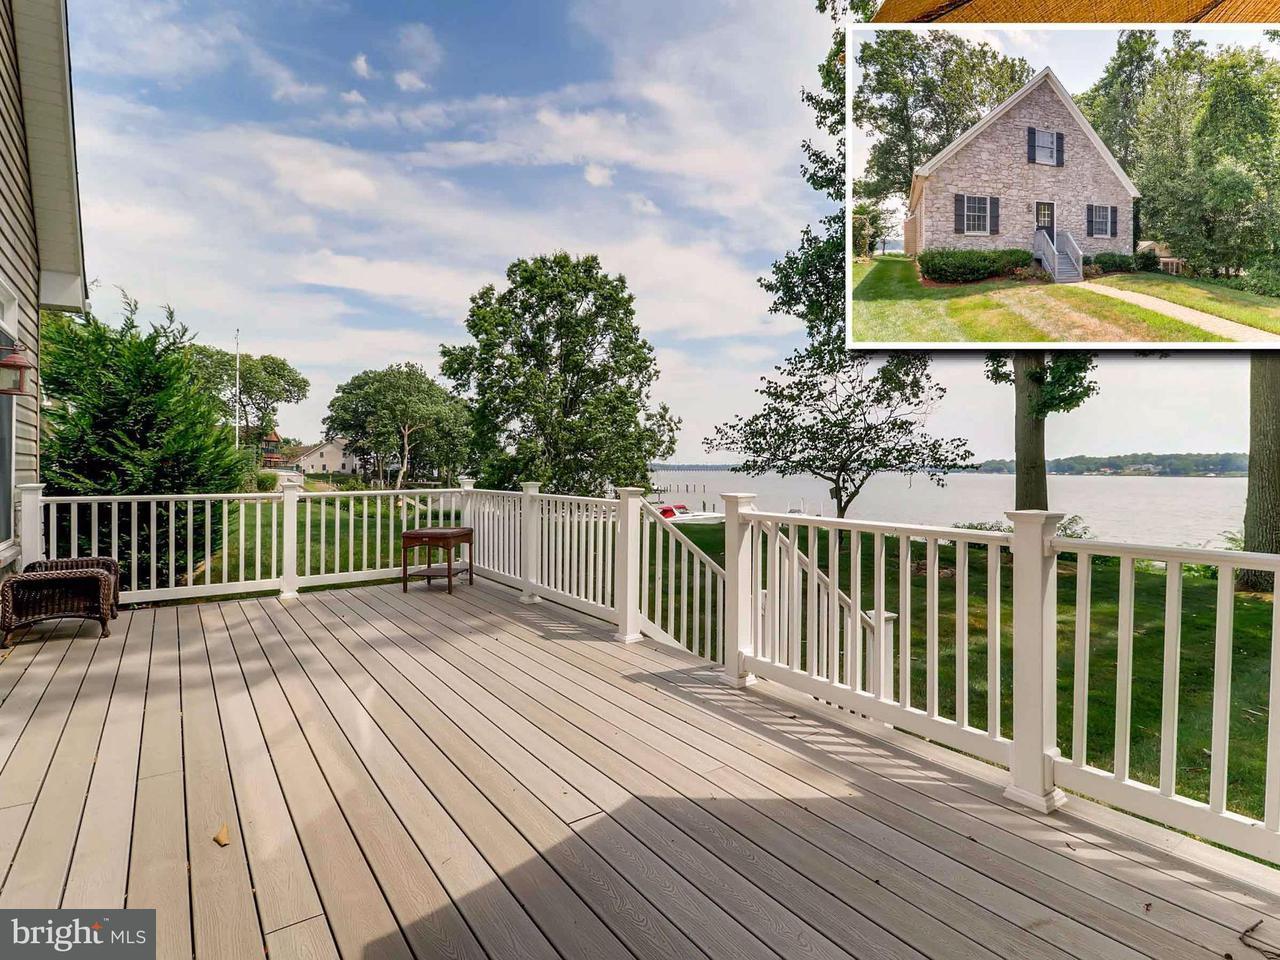 Maison unifamiliale pour l Vente à 710 BAKER AVE W 710 BAKER AVE W Abingdon, Maryland 21009 États-Unis